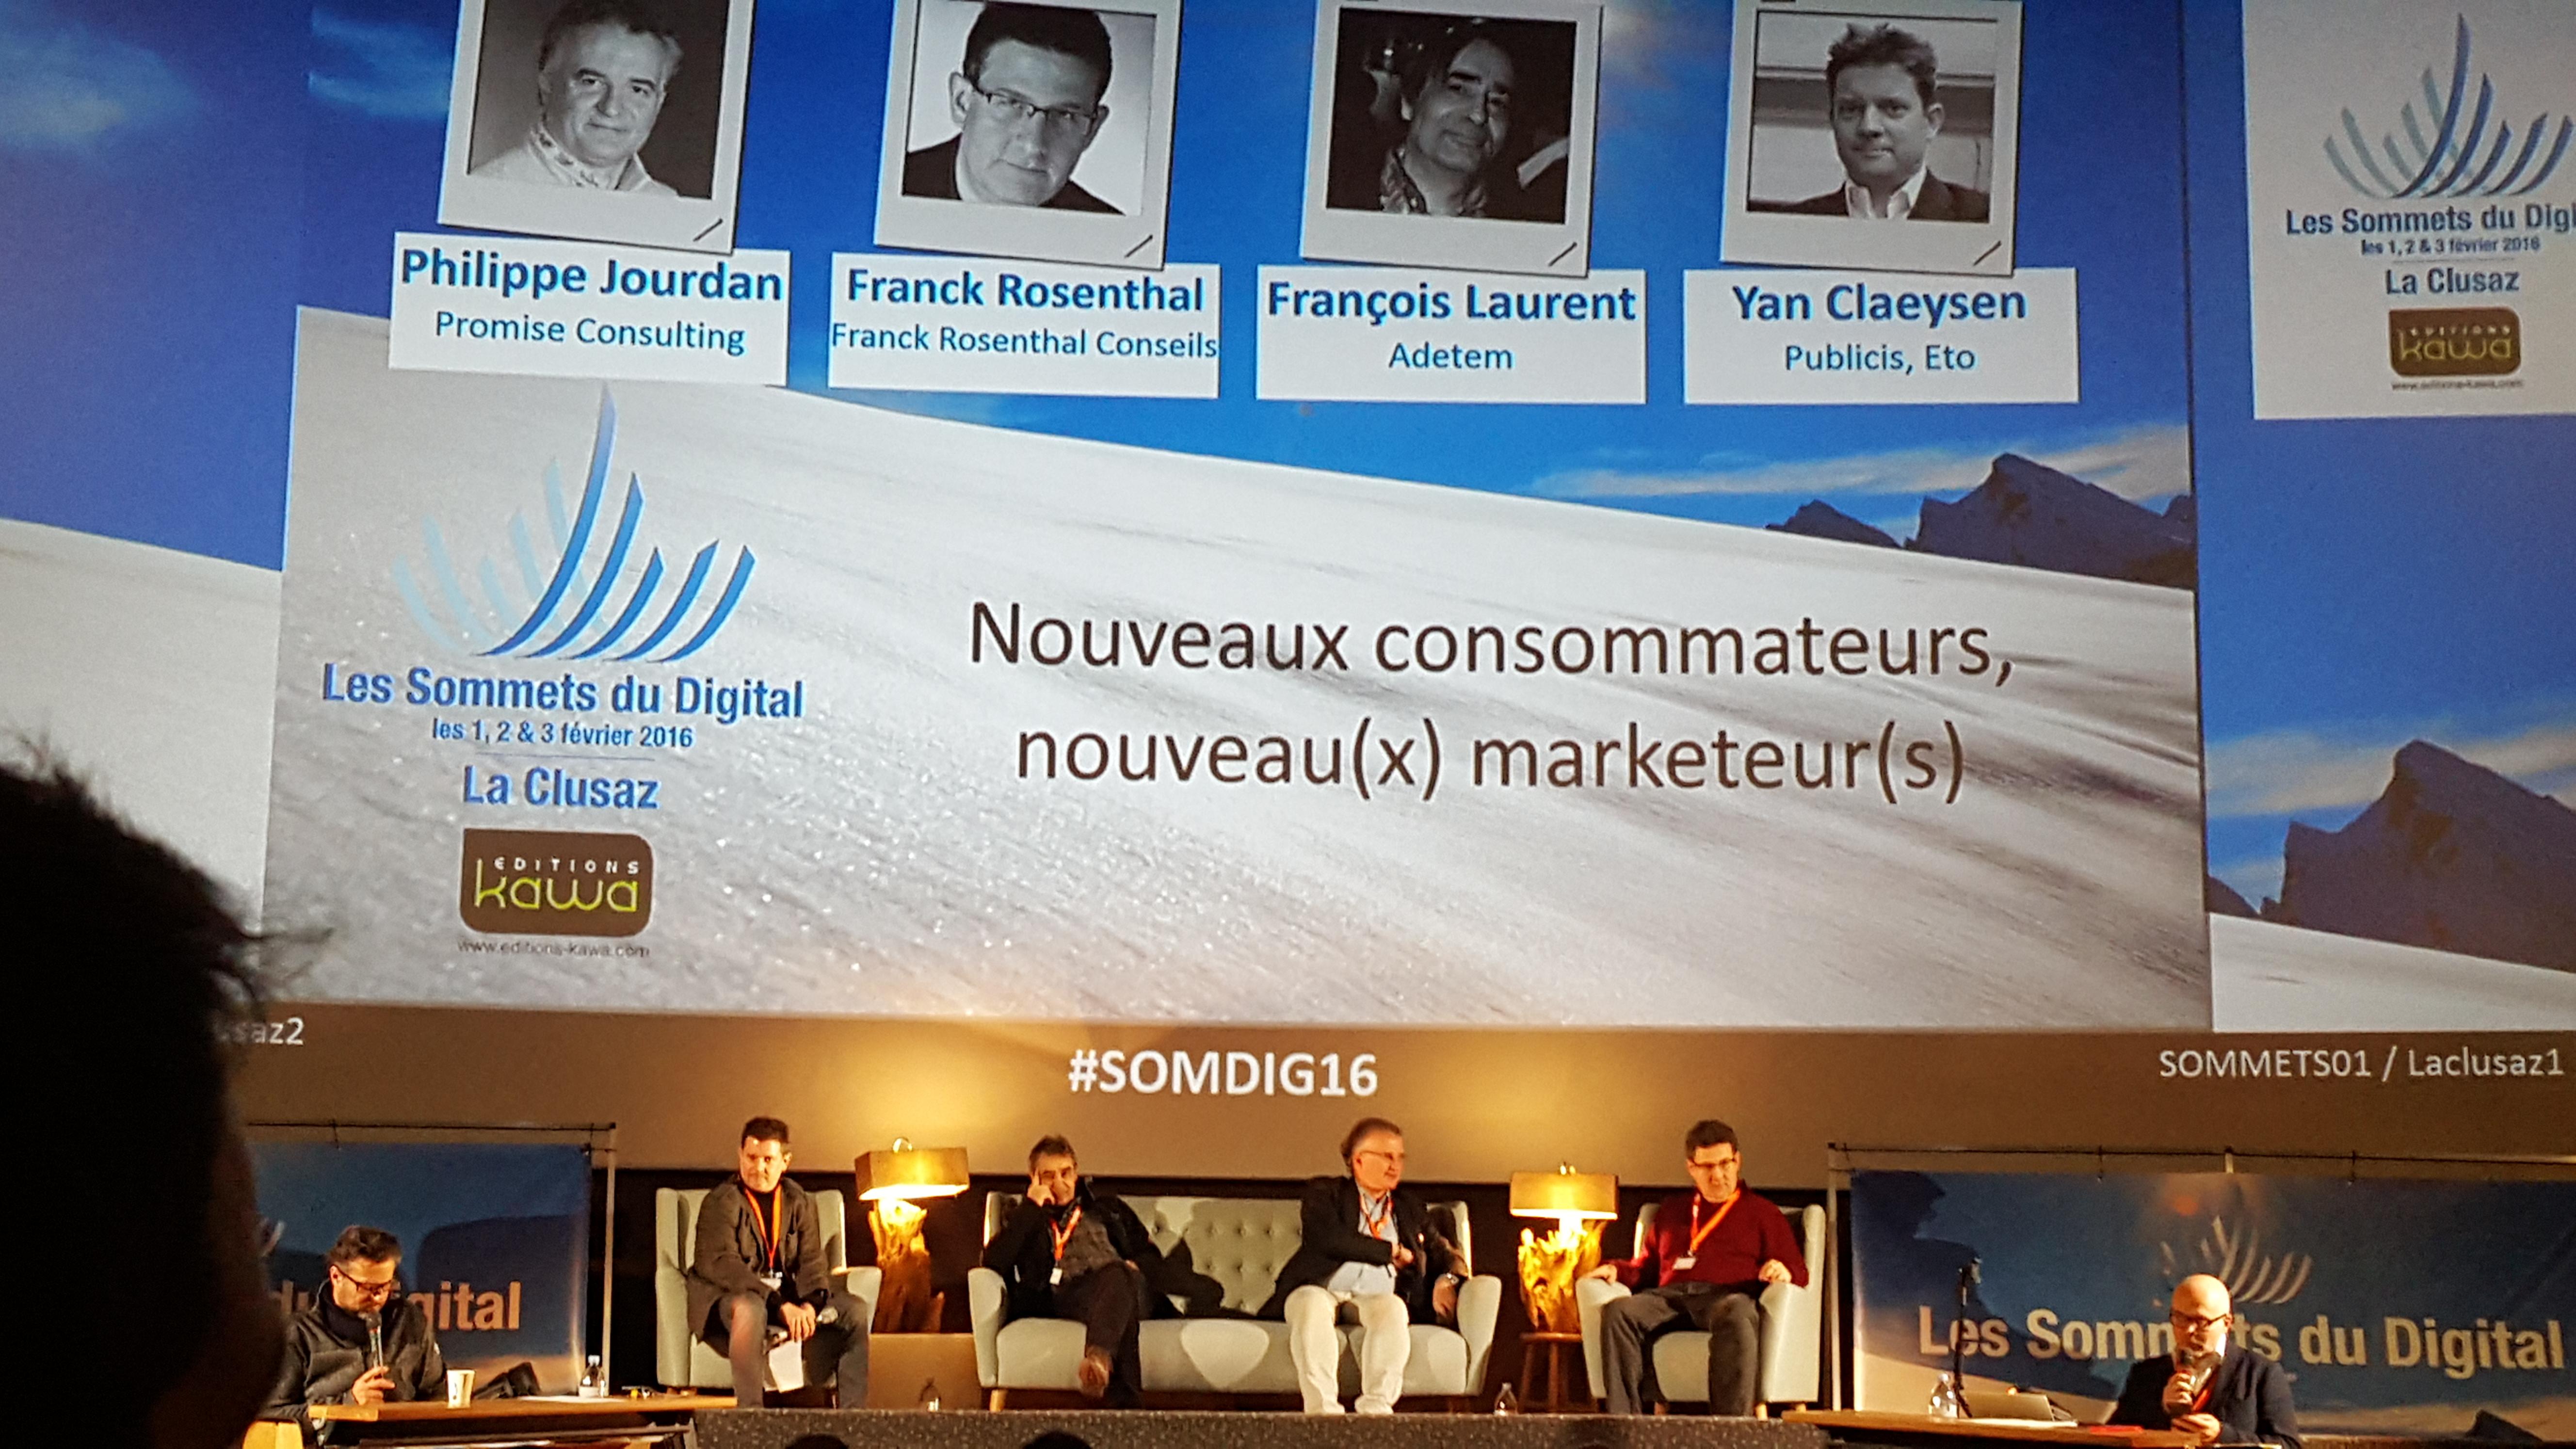 SOMDIG16-nouveaux-consommateurs